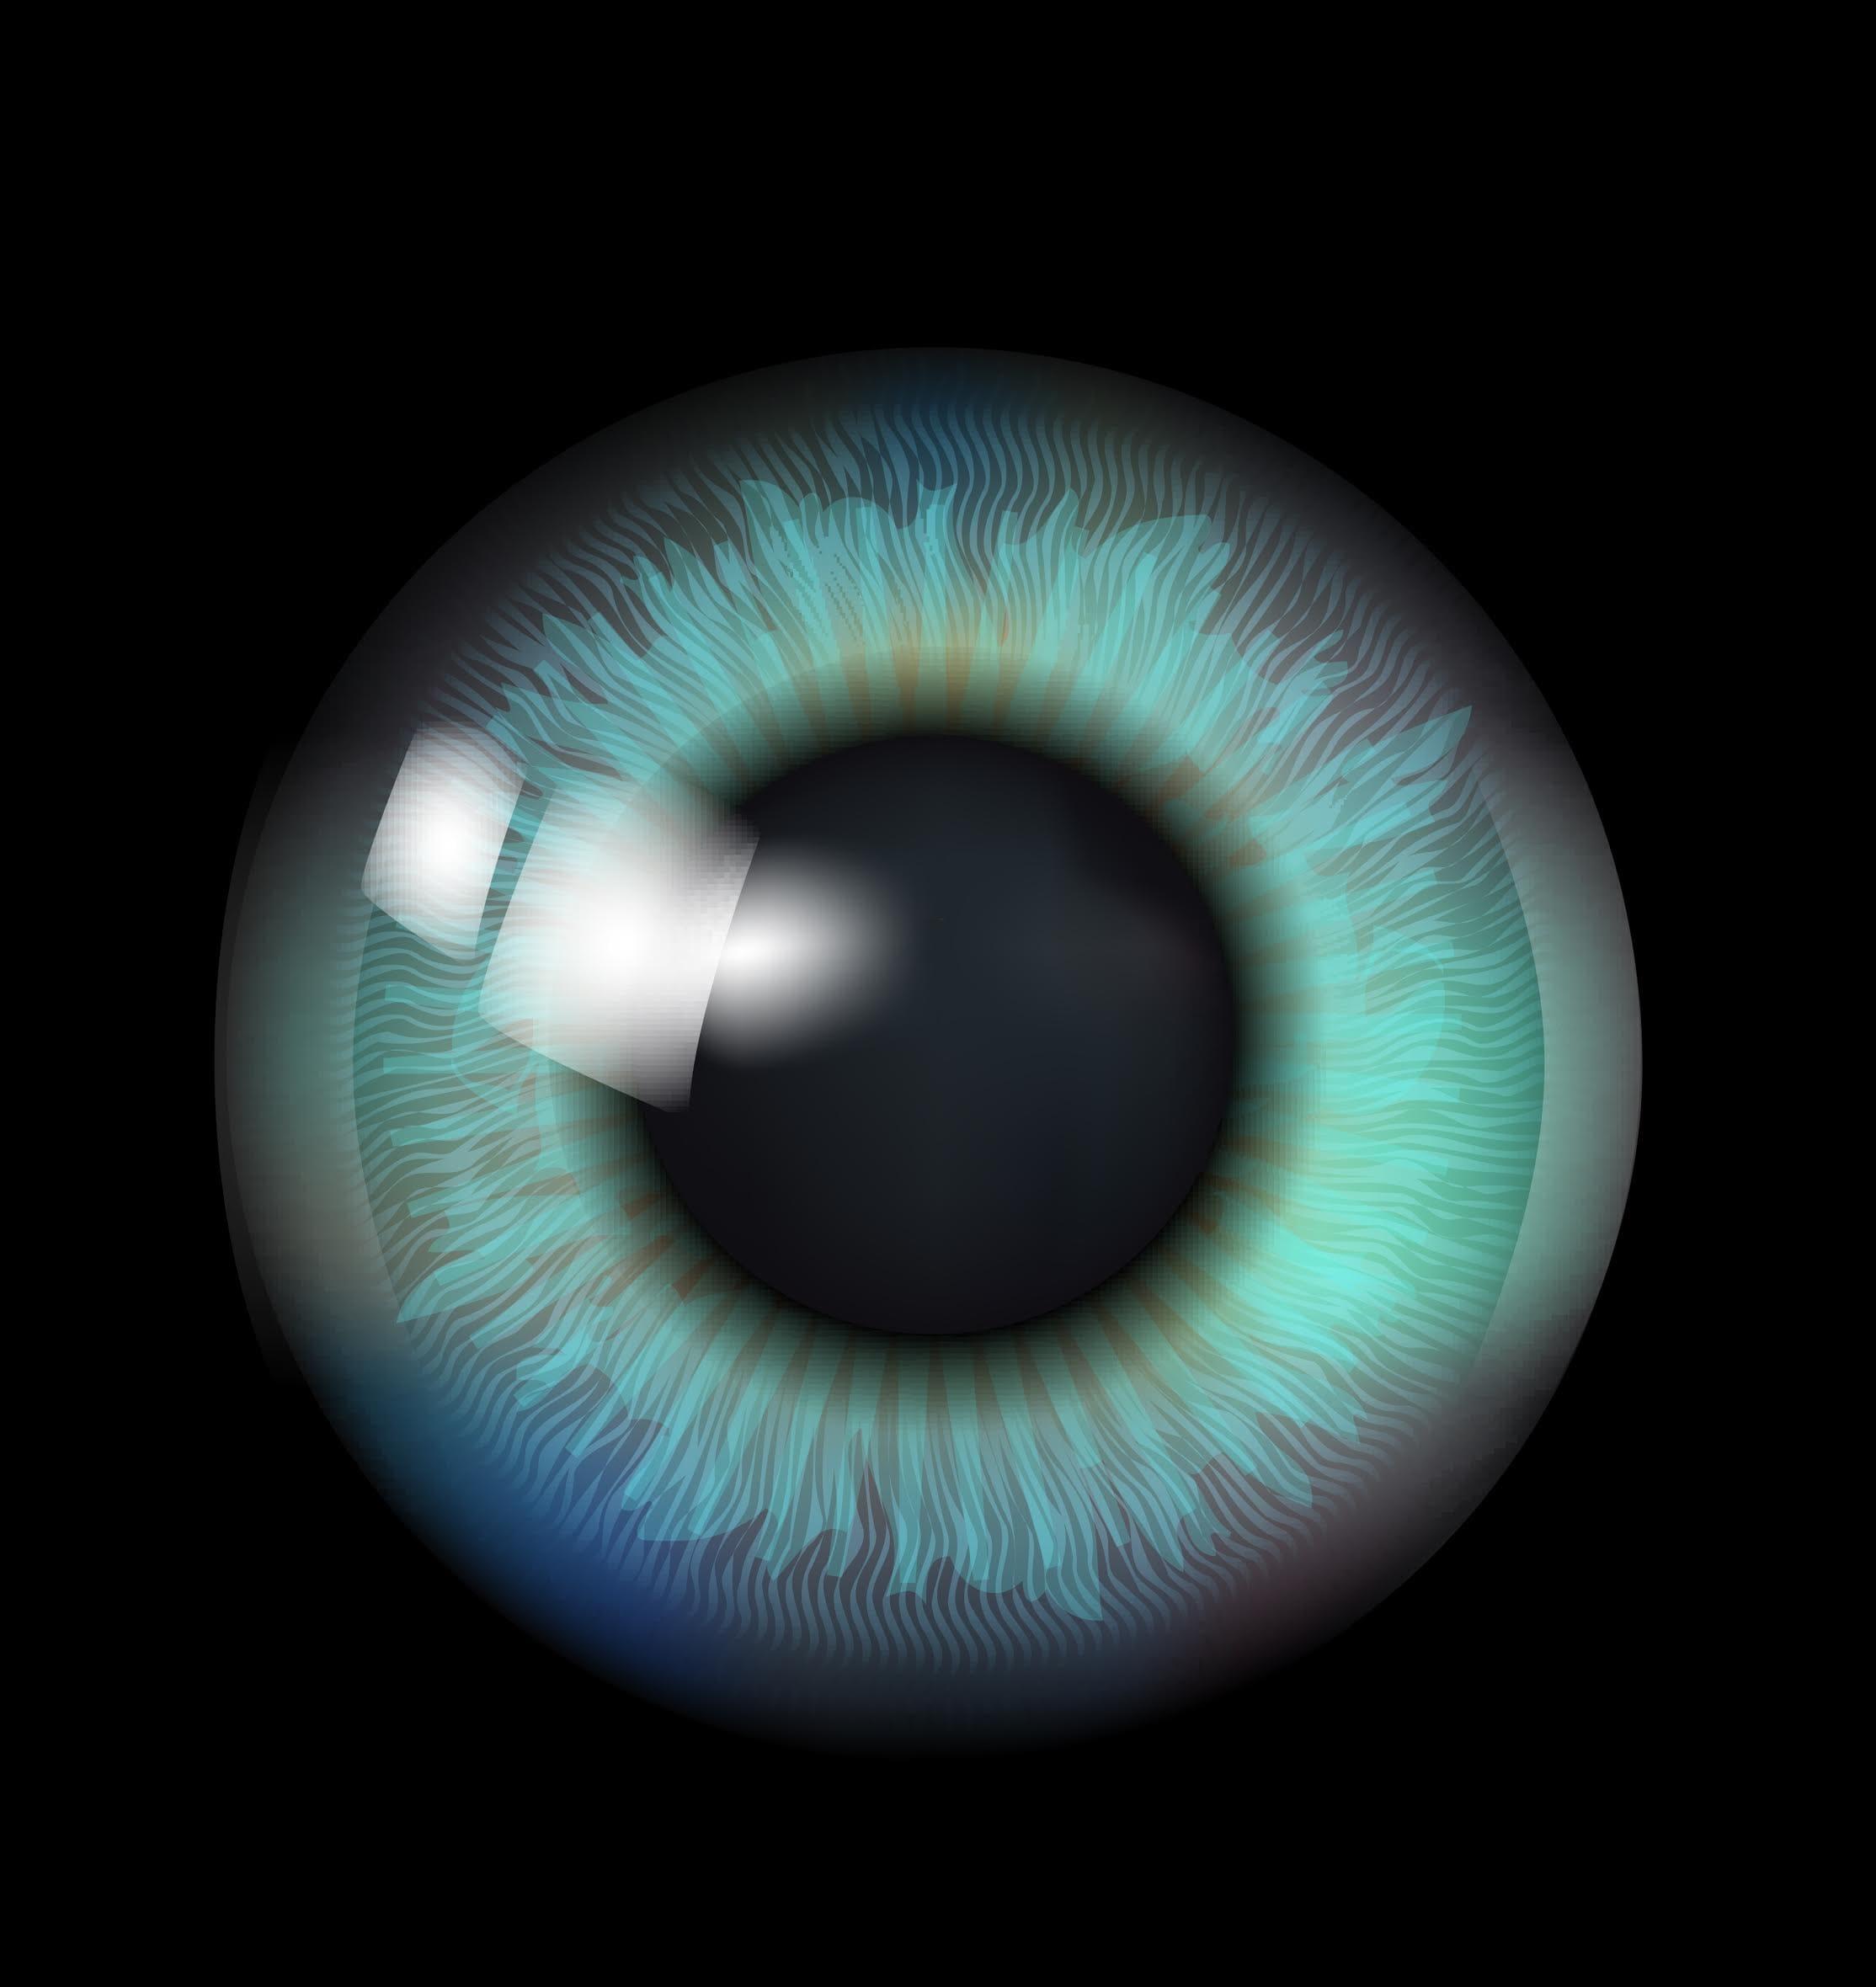 A large eye indicating digital intelligence